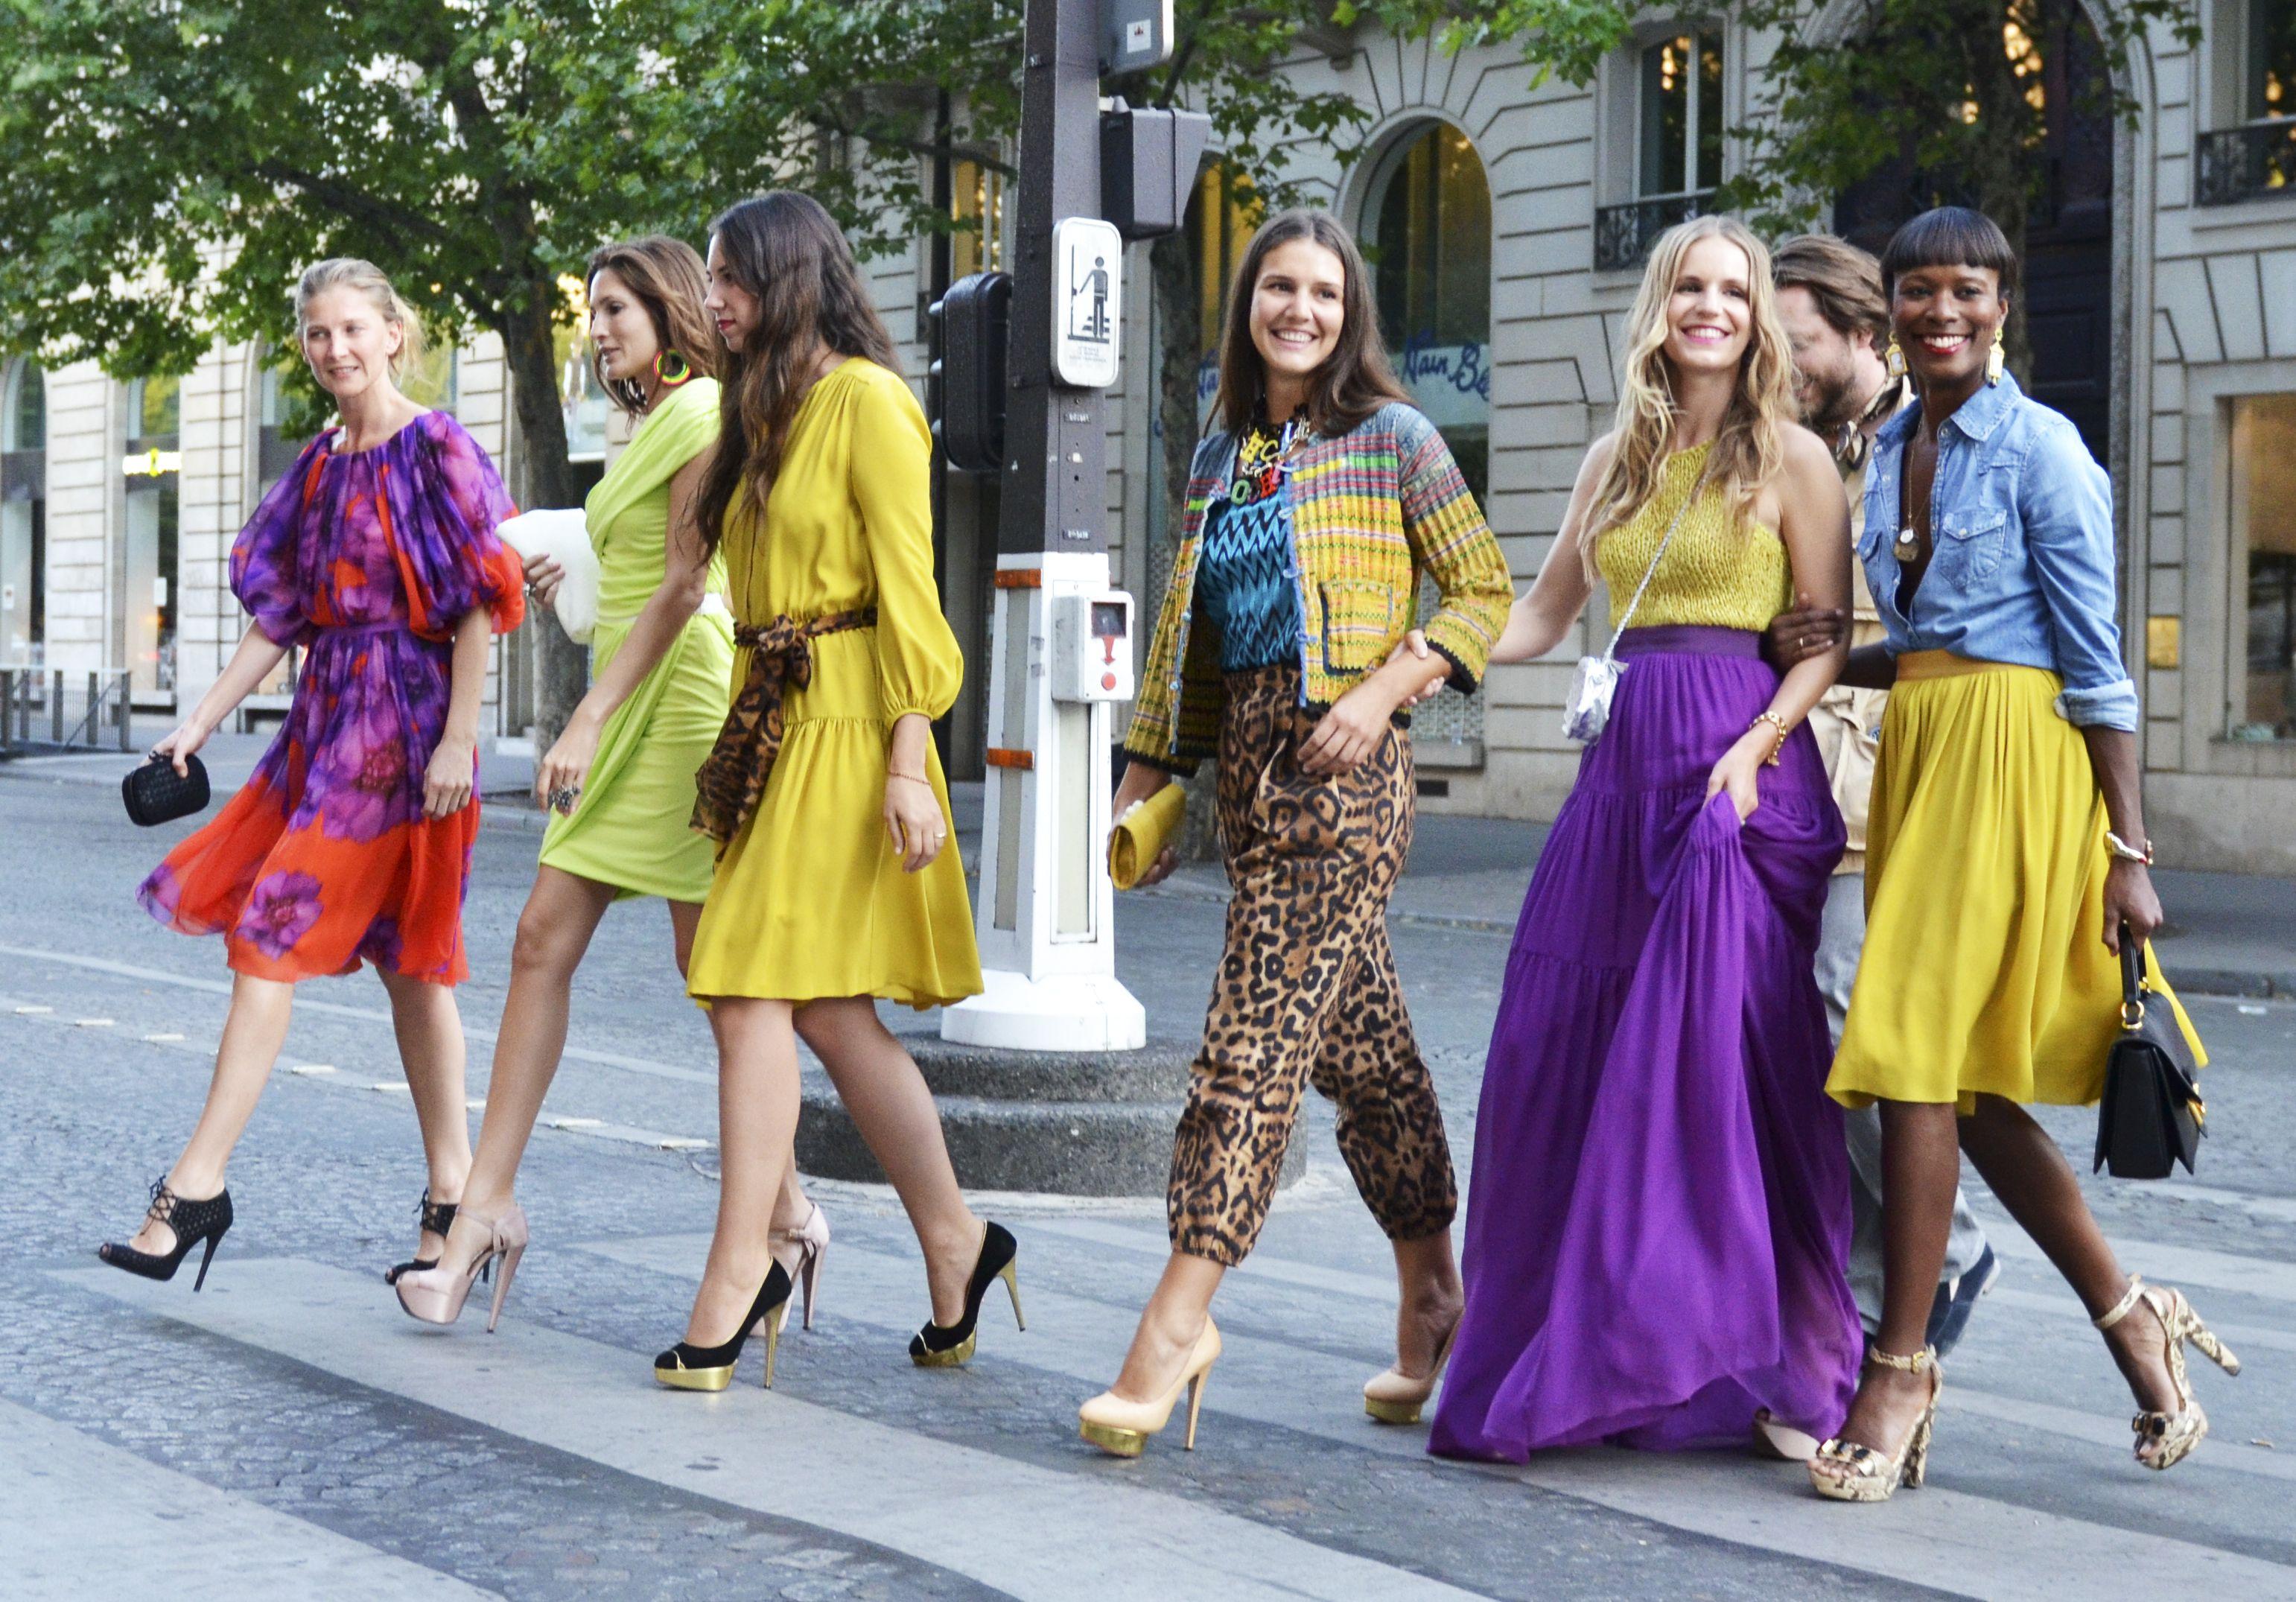 See all BAZAAR's favorite street style looks here!